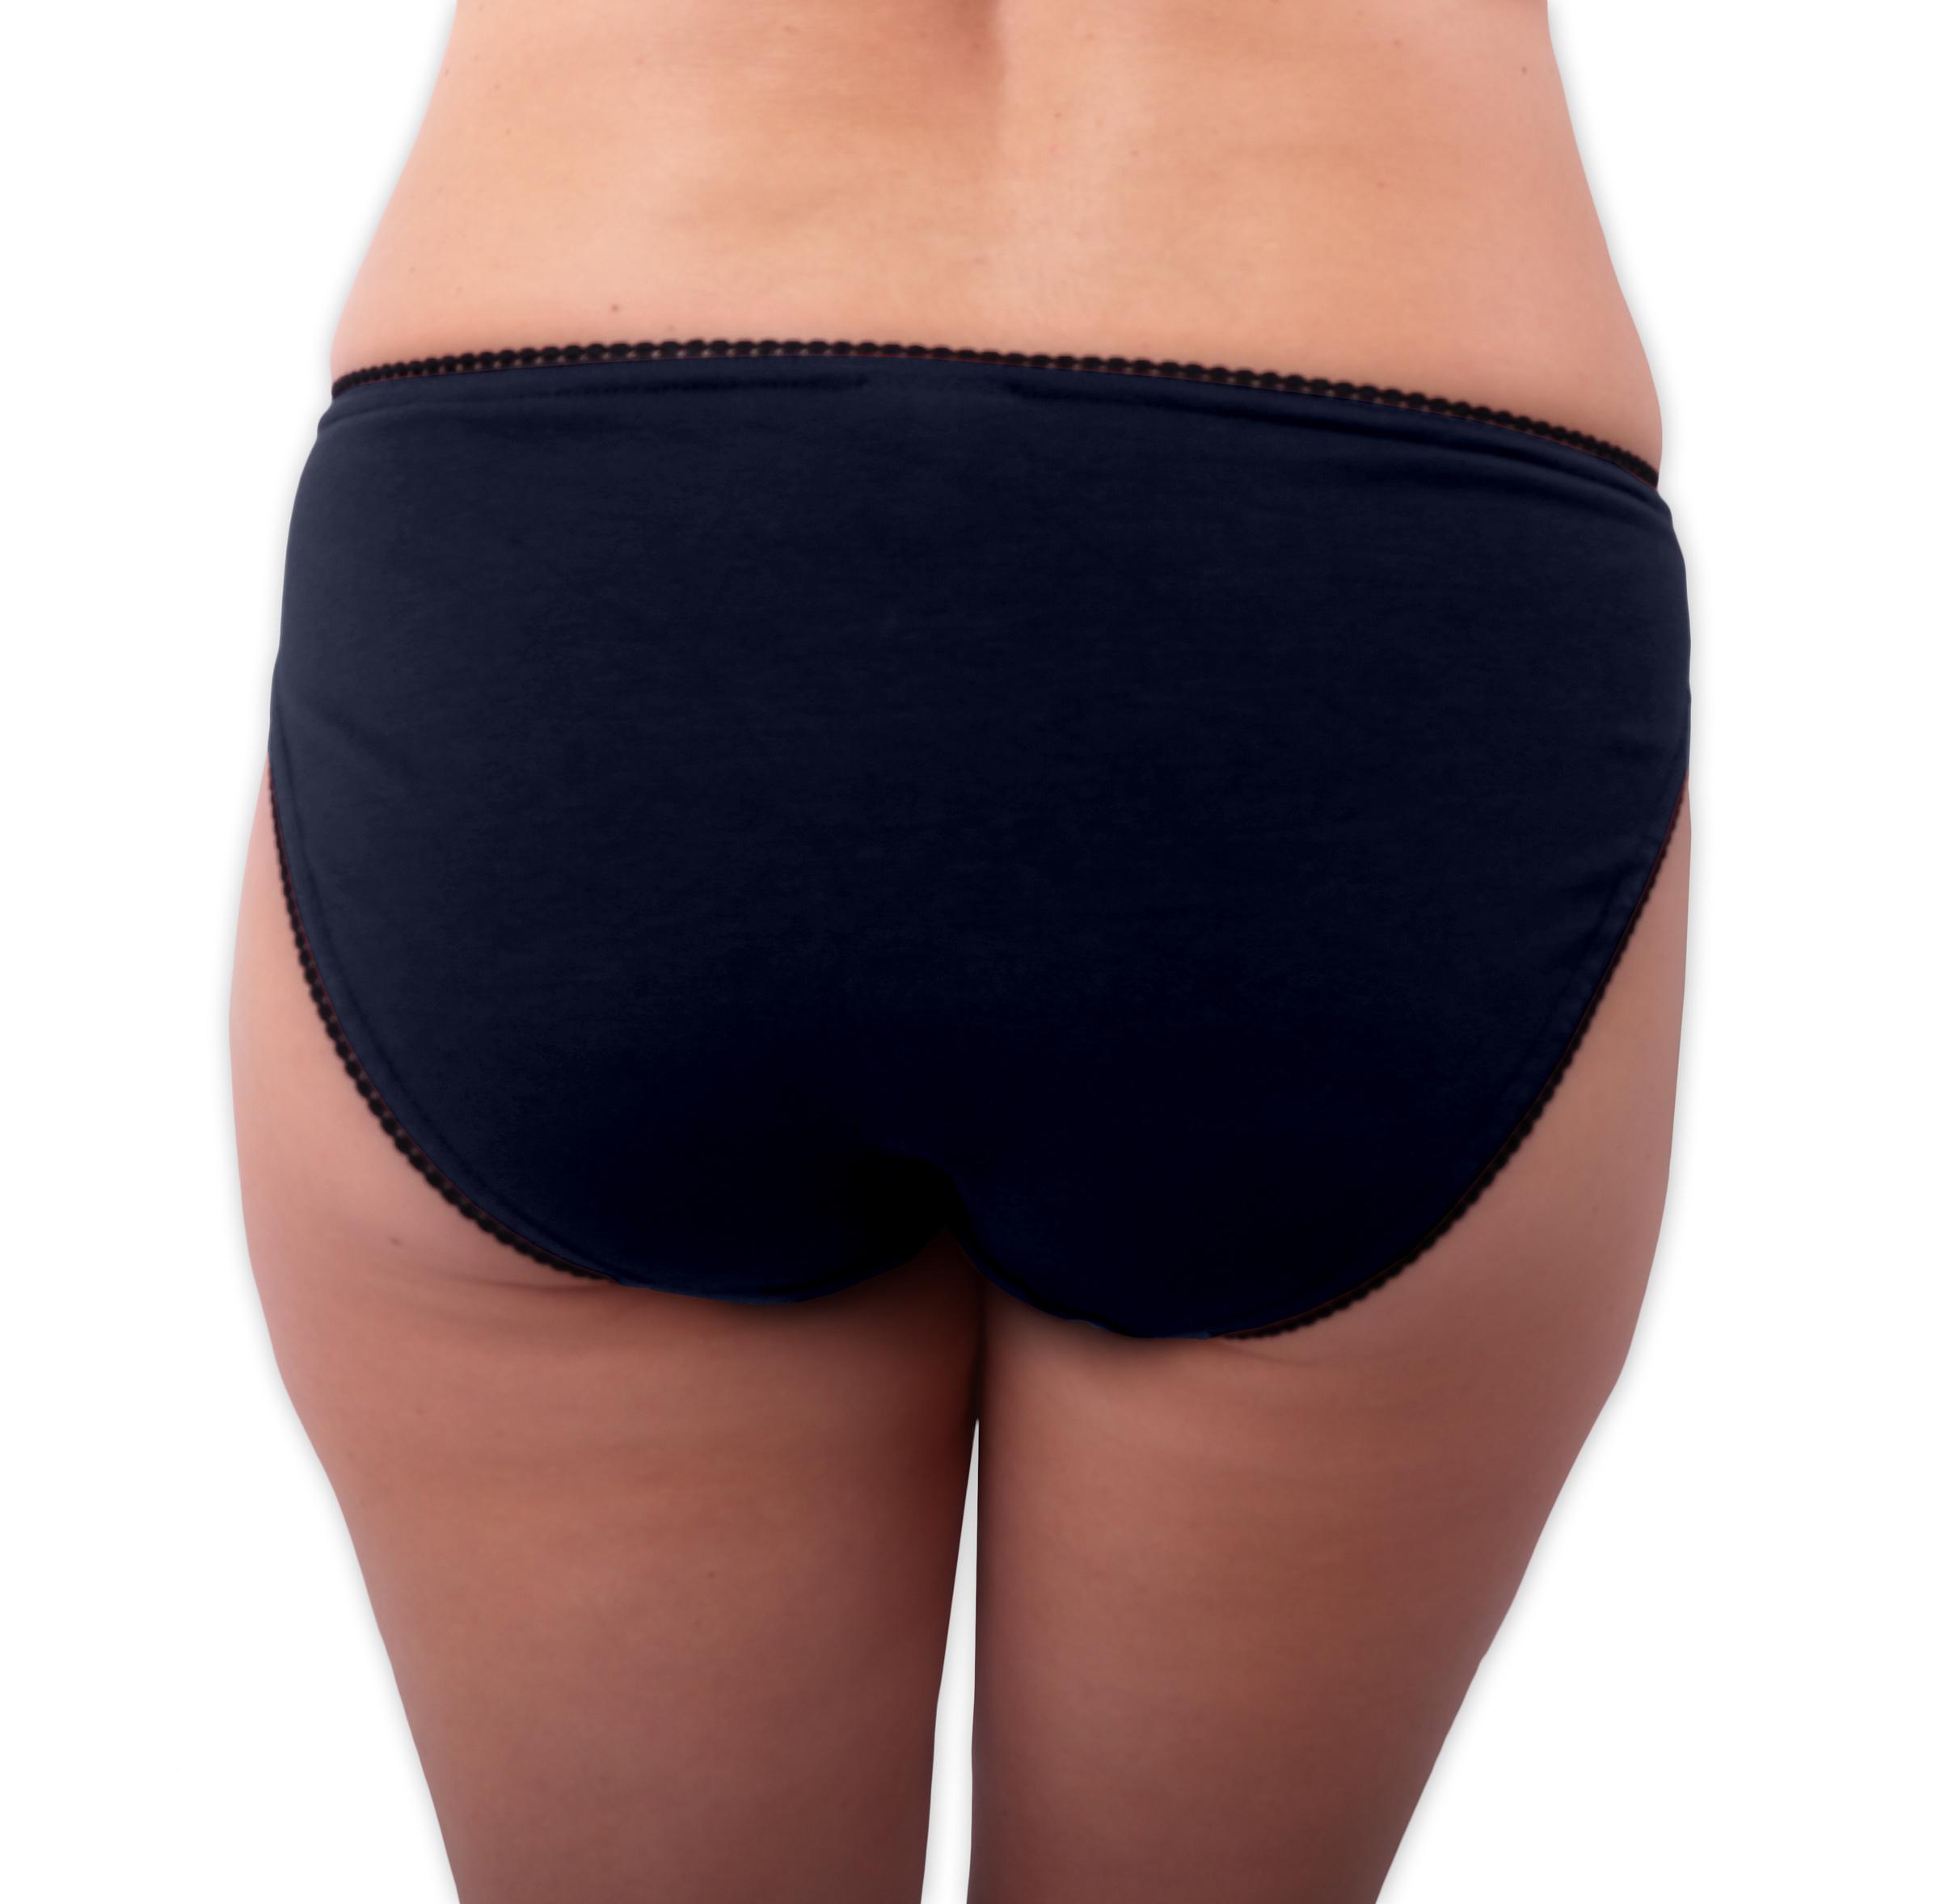 Dámské kalhotky bavlněné, klasický střih, tmavě modré, 44